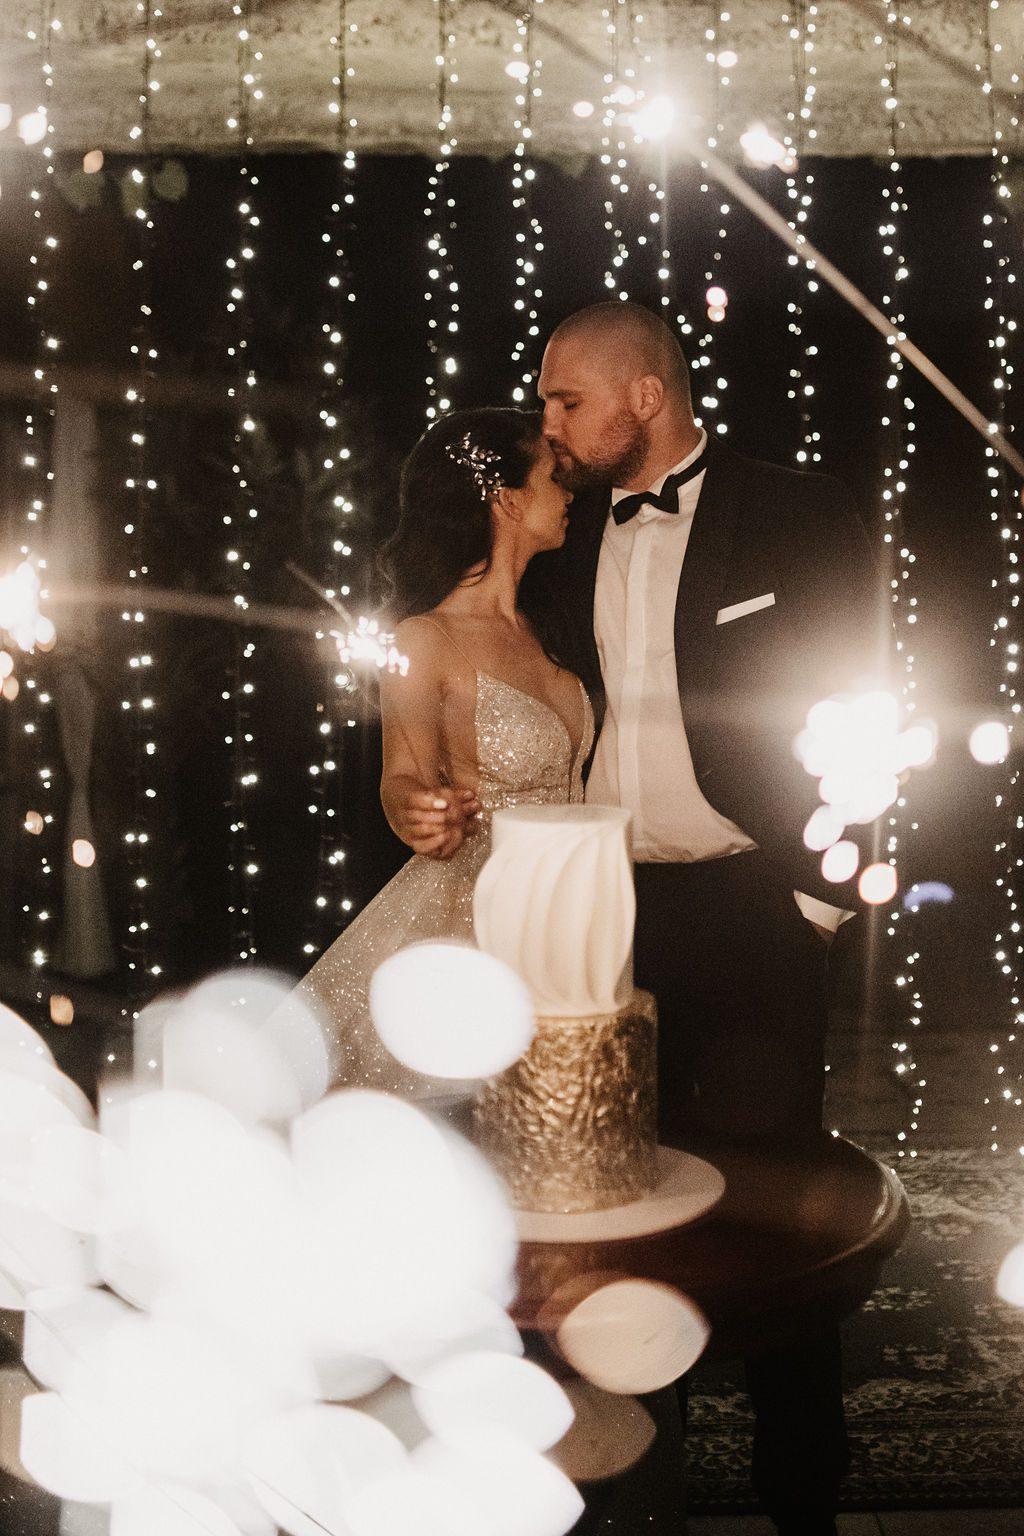 Bride and groom in the glow of fierflies.